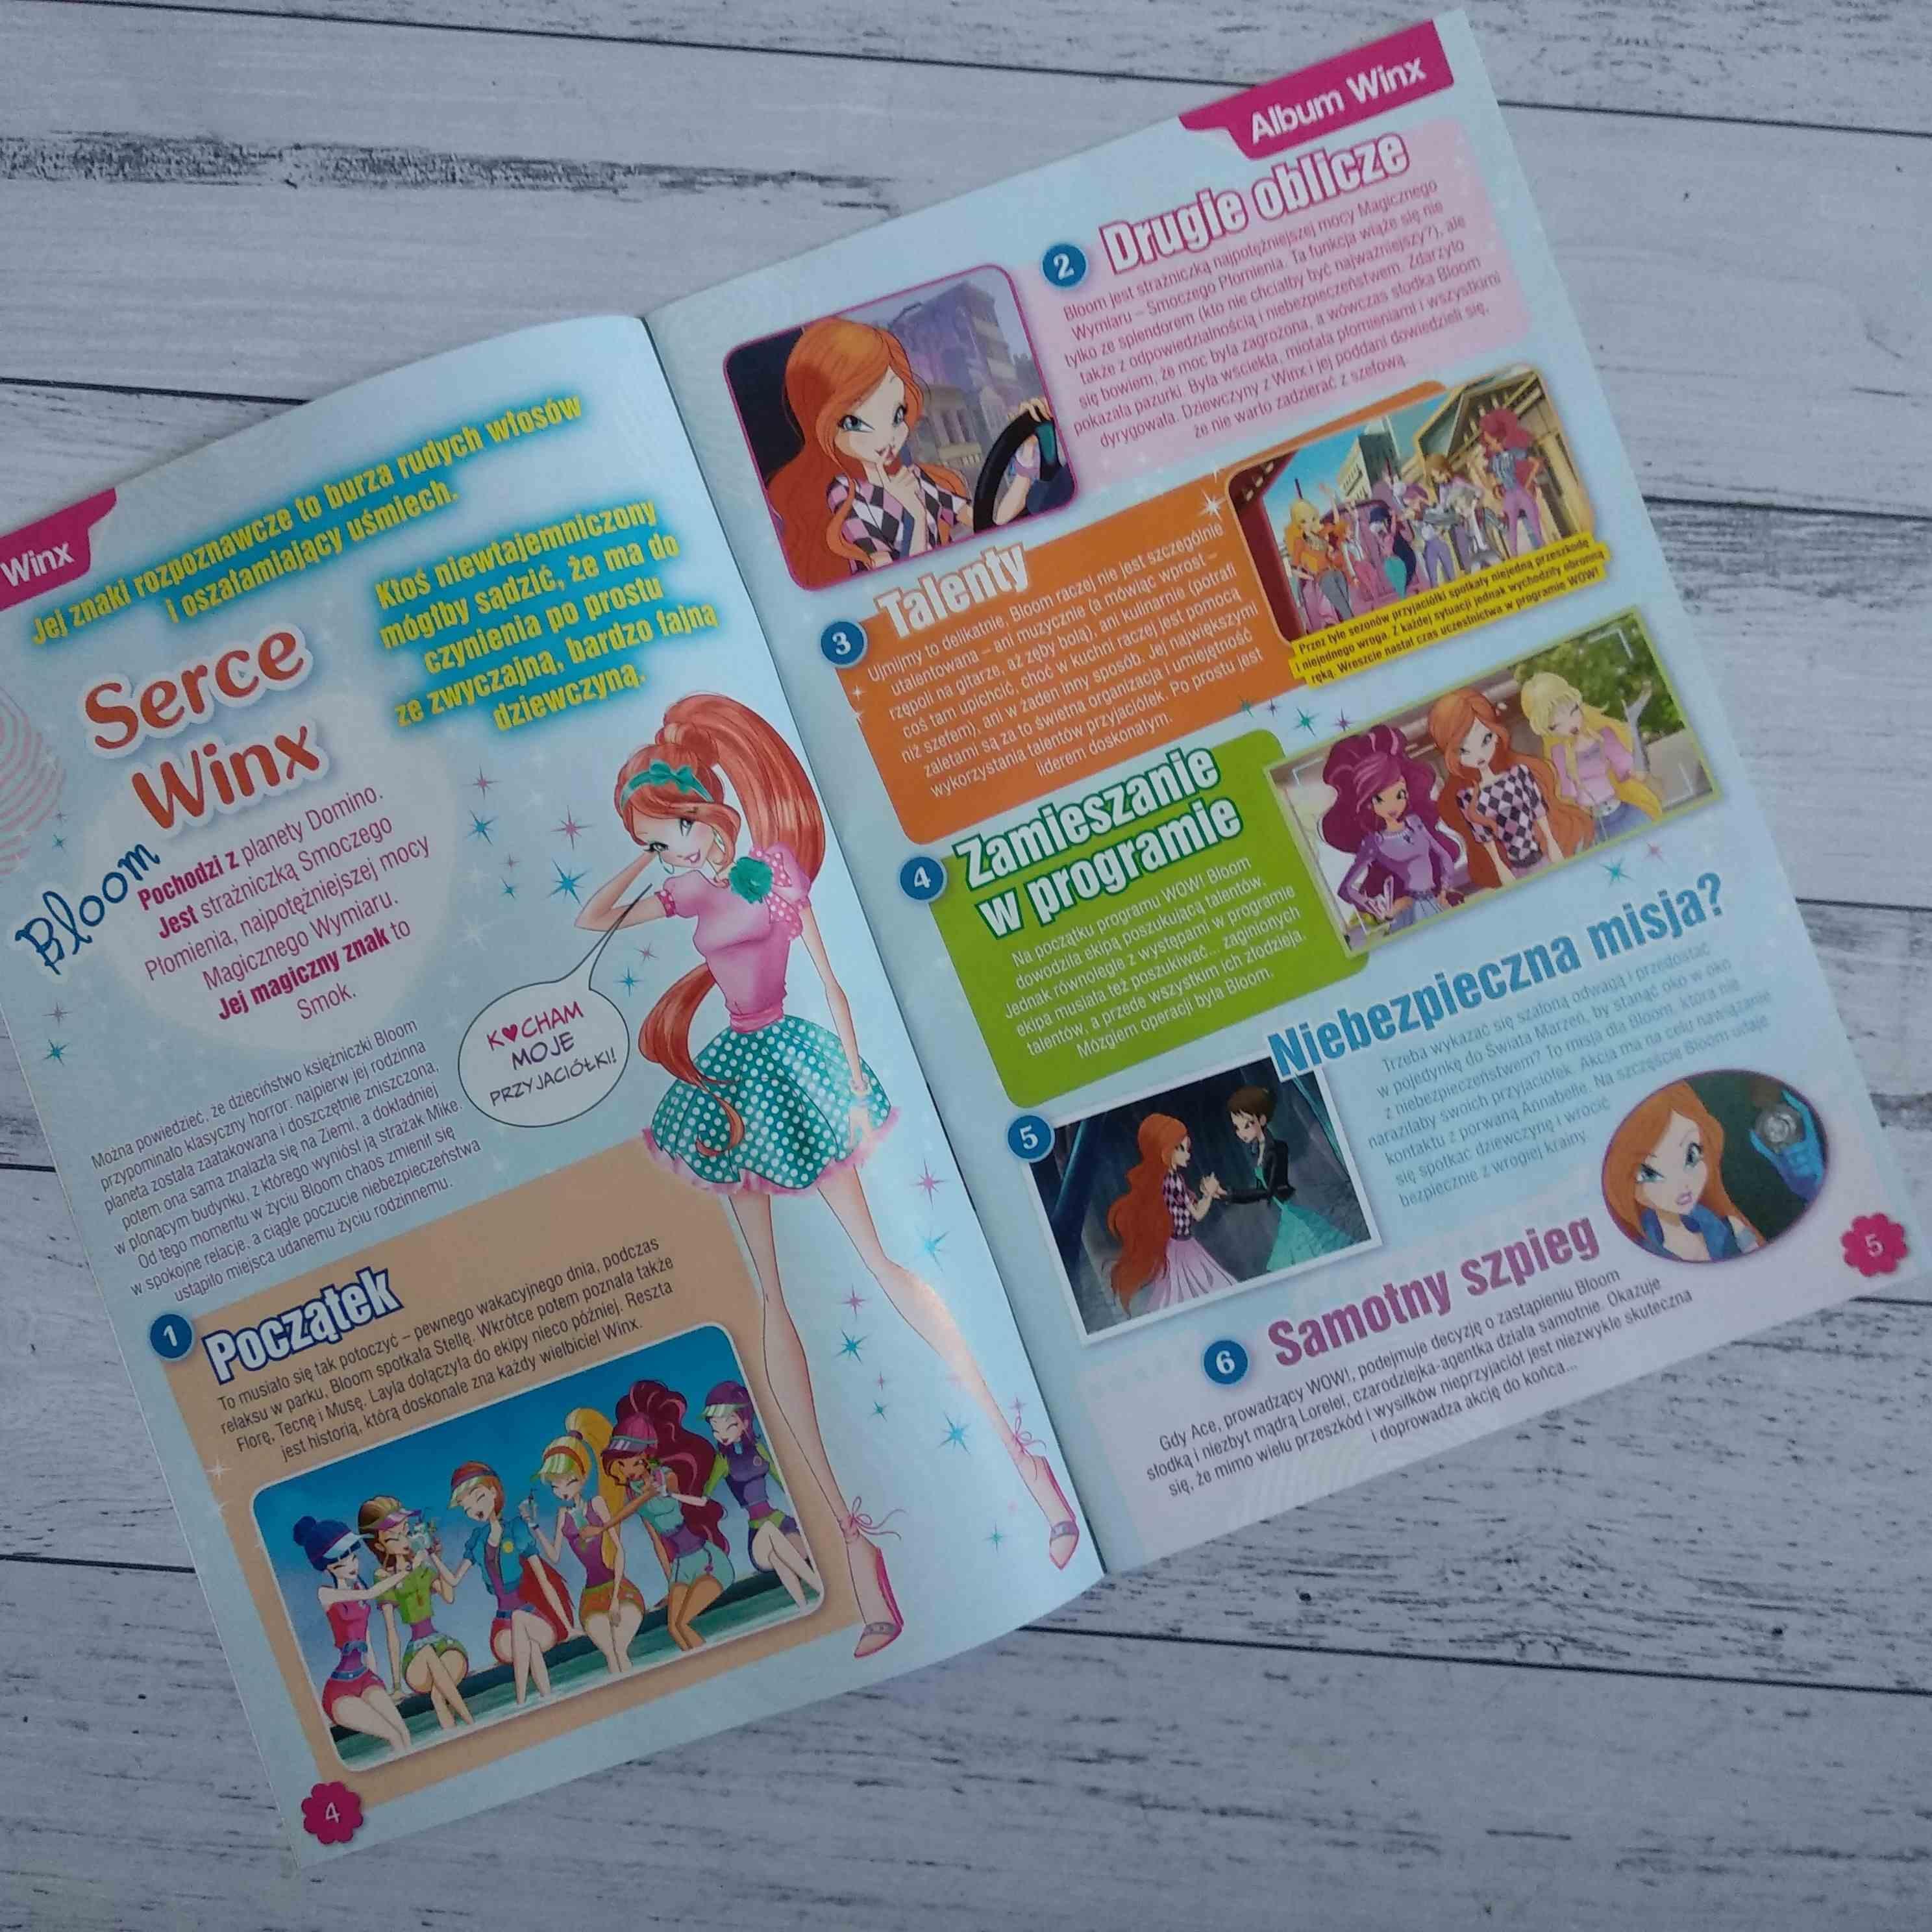 IMG 20190801 144406 - Magazyny dla dzieci - Media Service Zawada